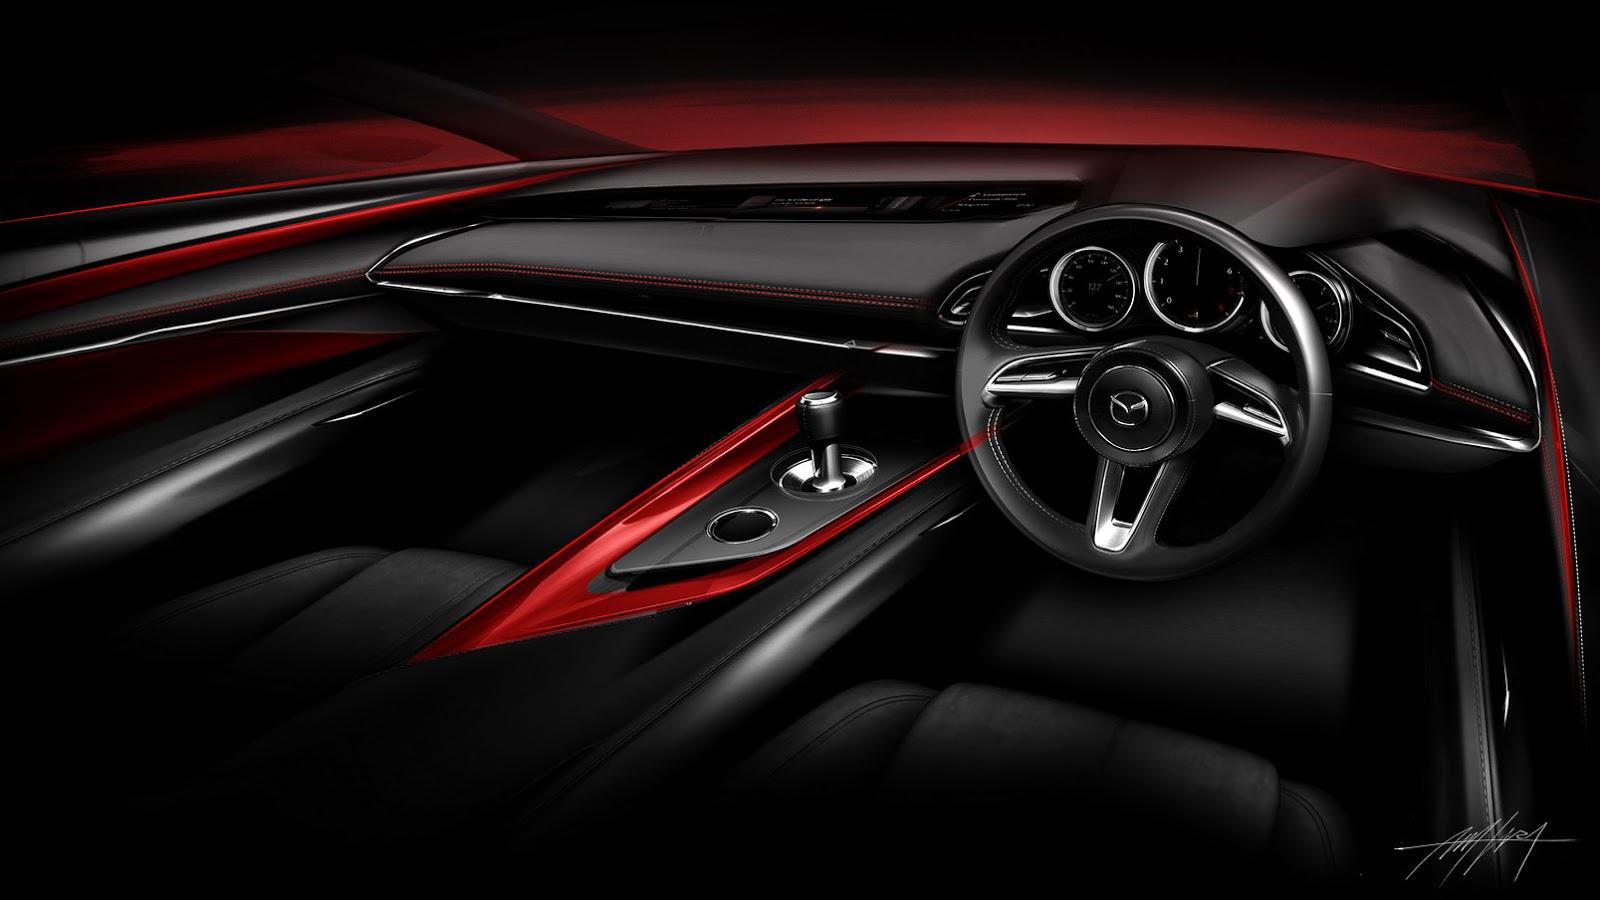 2018 Mazda Rx7 Price >> 2017 Mazda Kai - Concepts